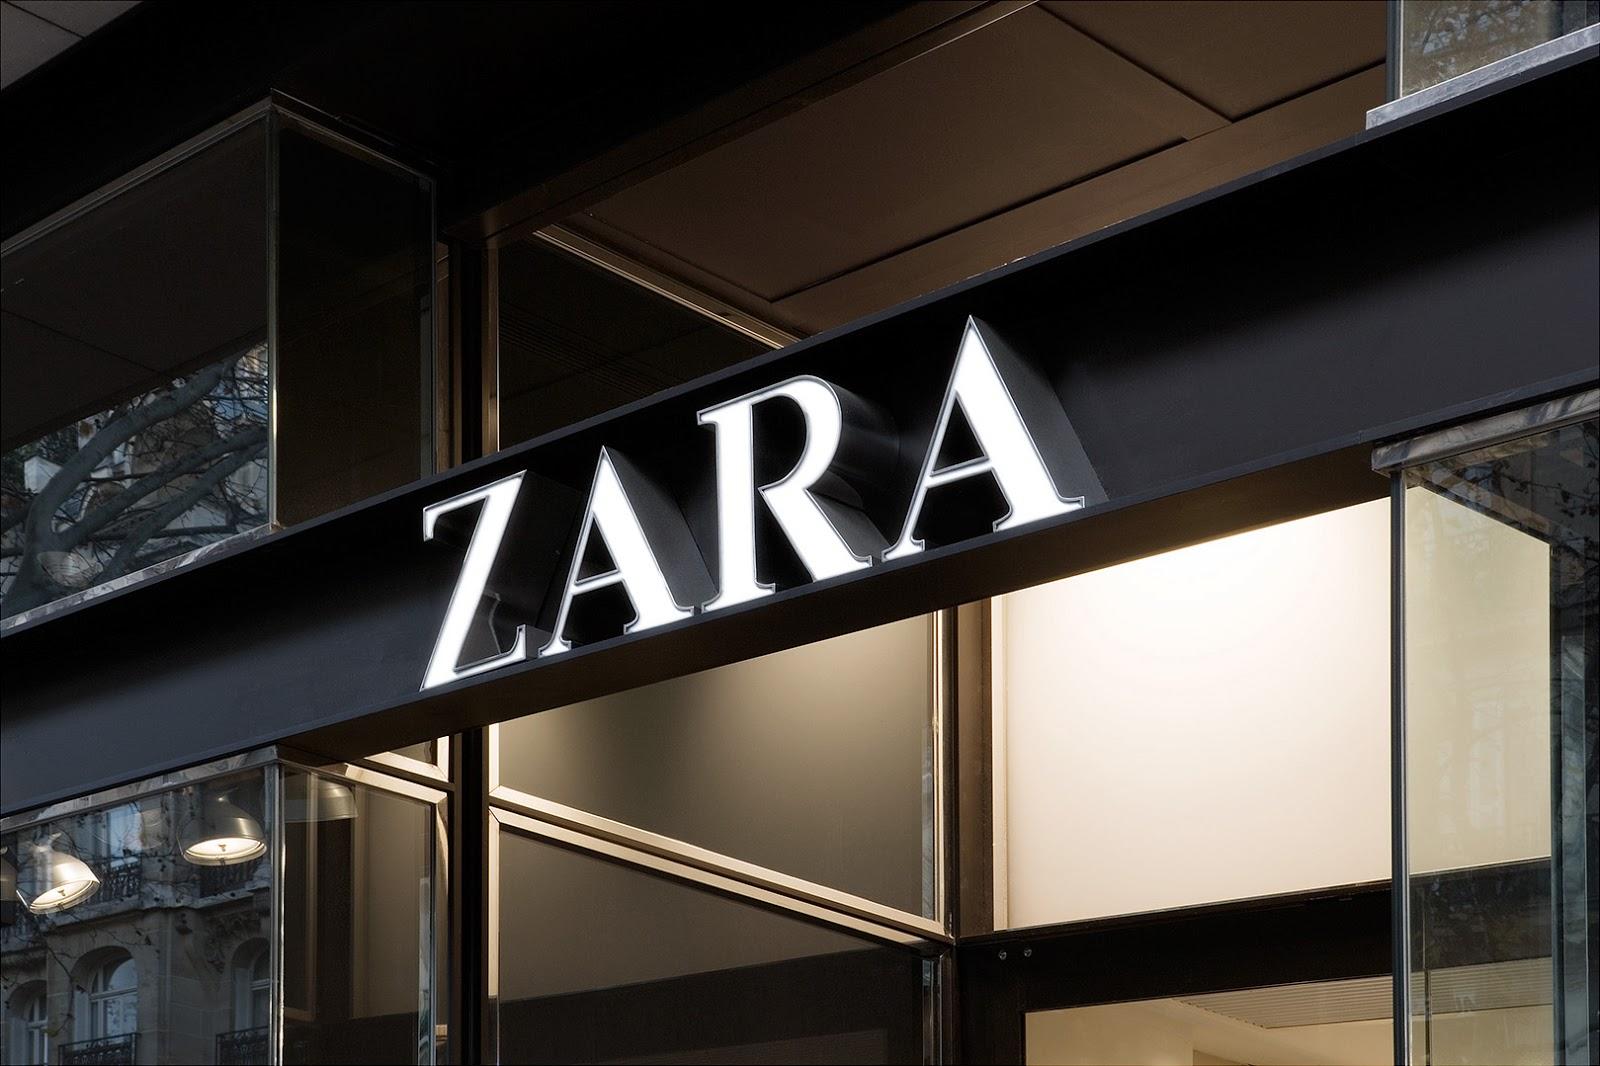 la primera tienda zara: